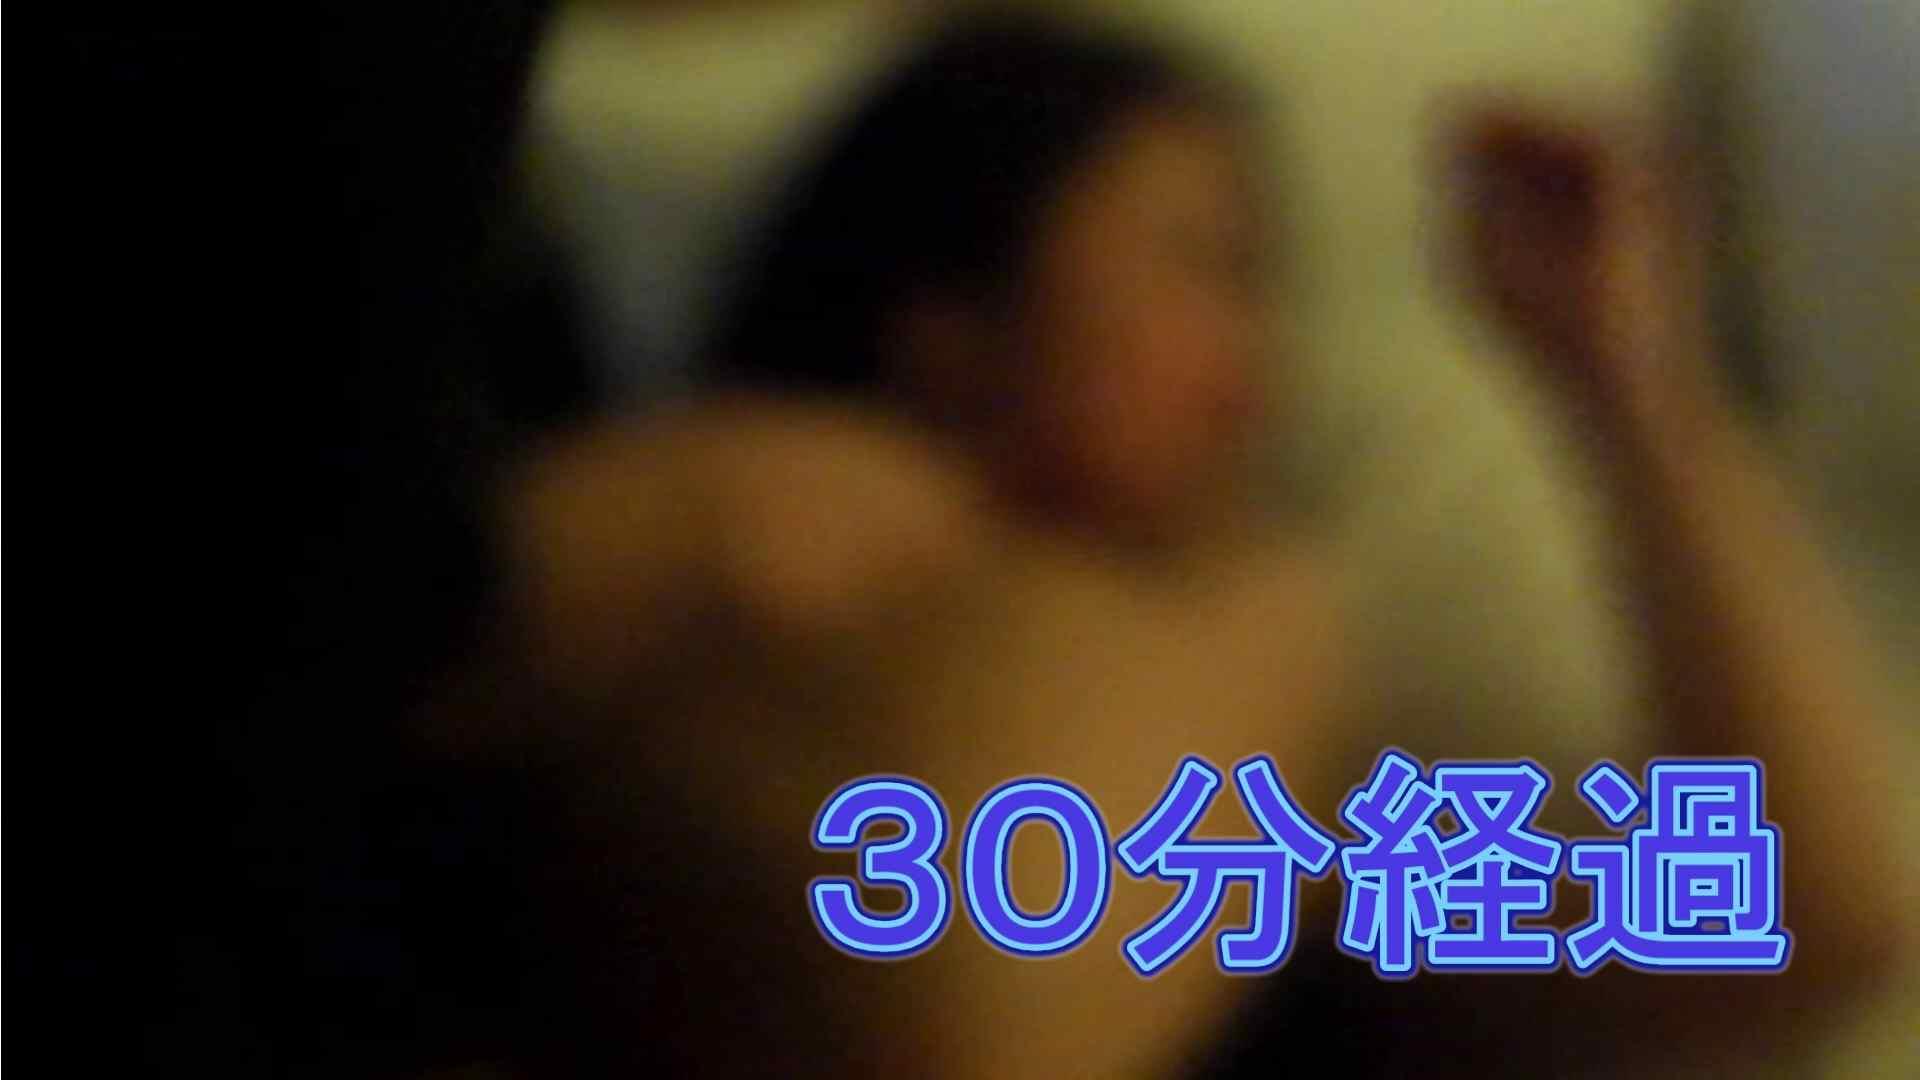 ヒトニアラヅNo.02 姿と全体の流れを公開 いじくり   高画質動画  20画像 13